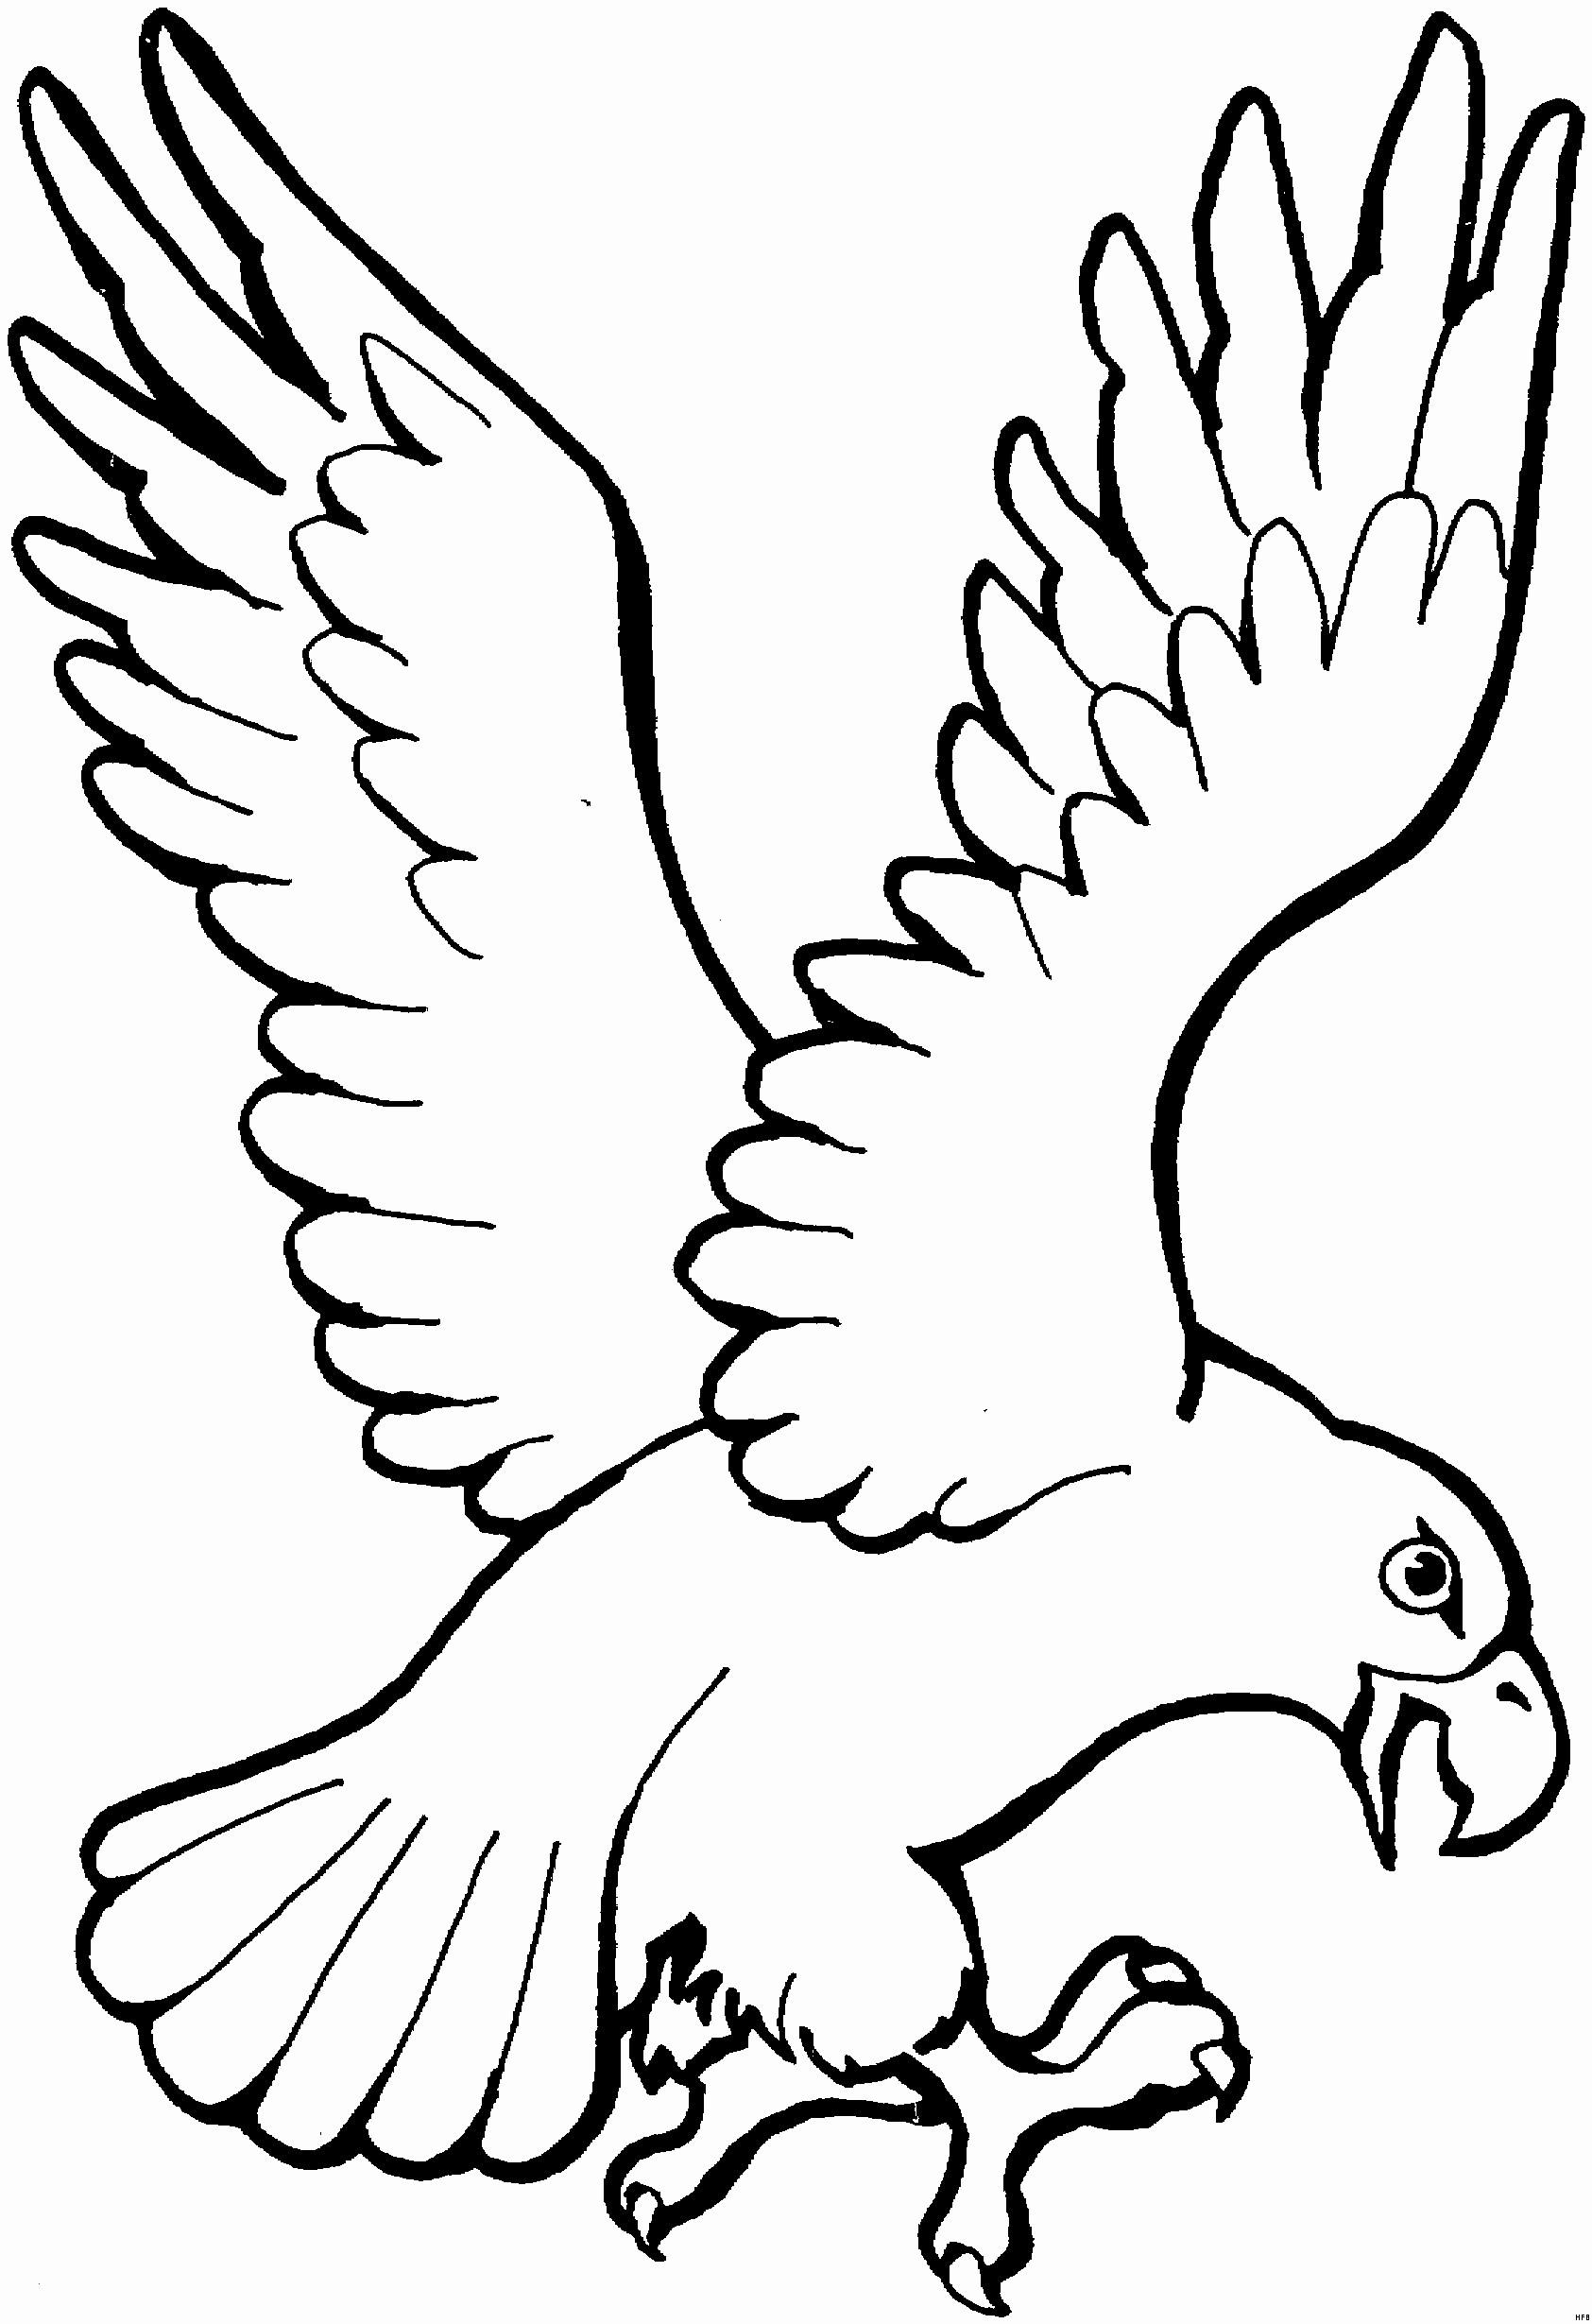 Adler Zeichnungen Zum Ausmalen Neu Nineplanetshiphop Das Bild